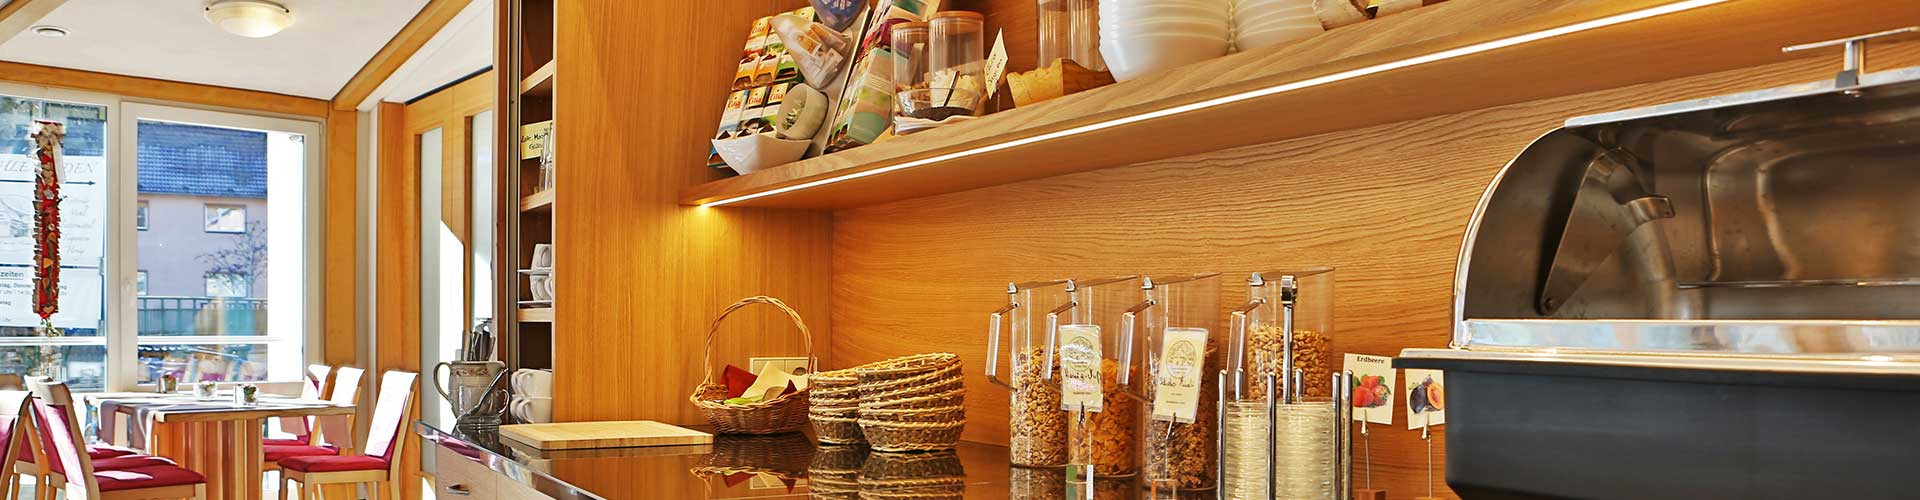 Hotel Rössle Berneck: Das Frühstücks-Buffet